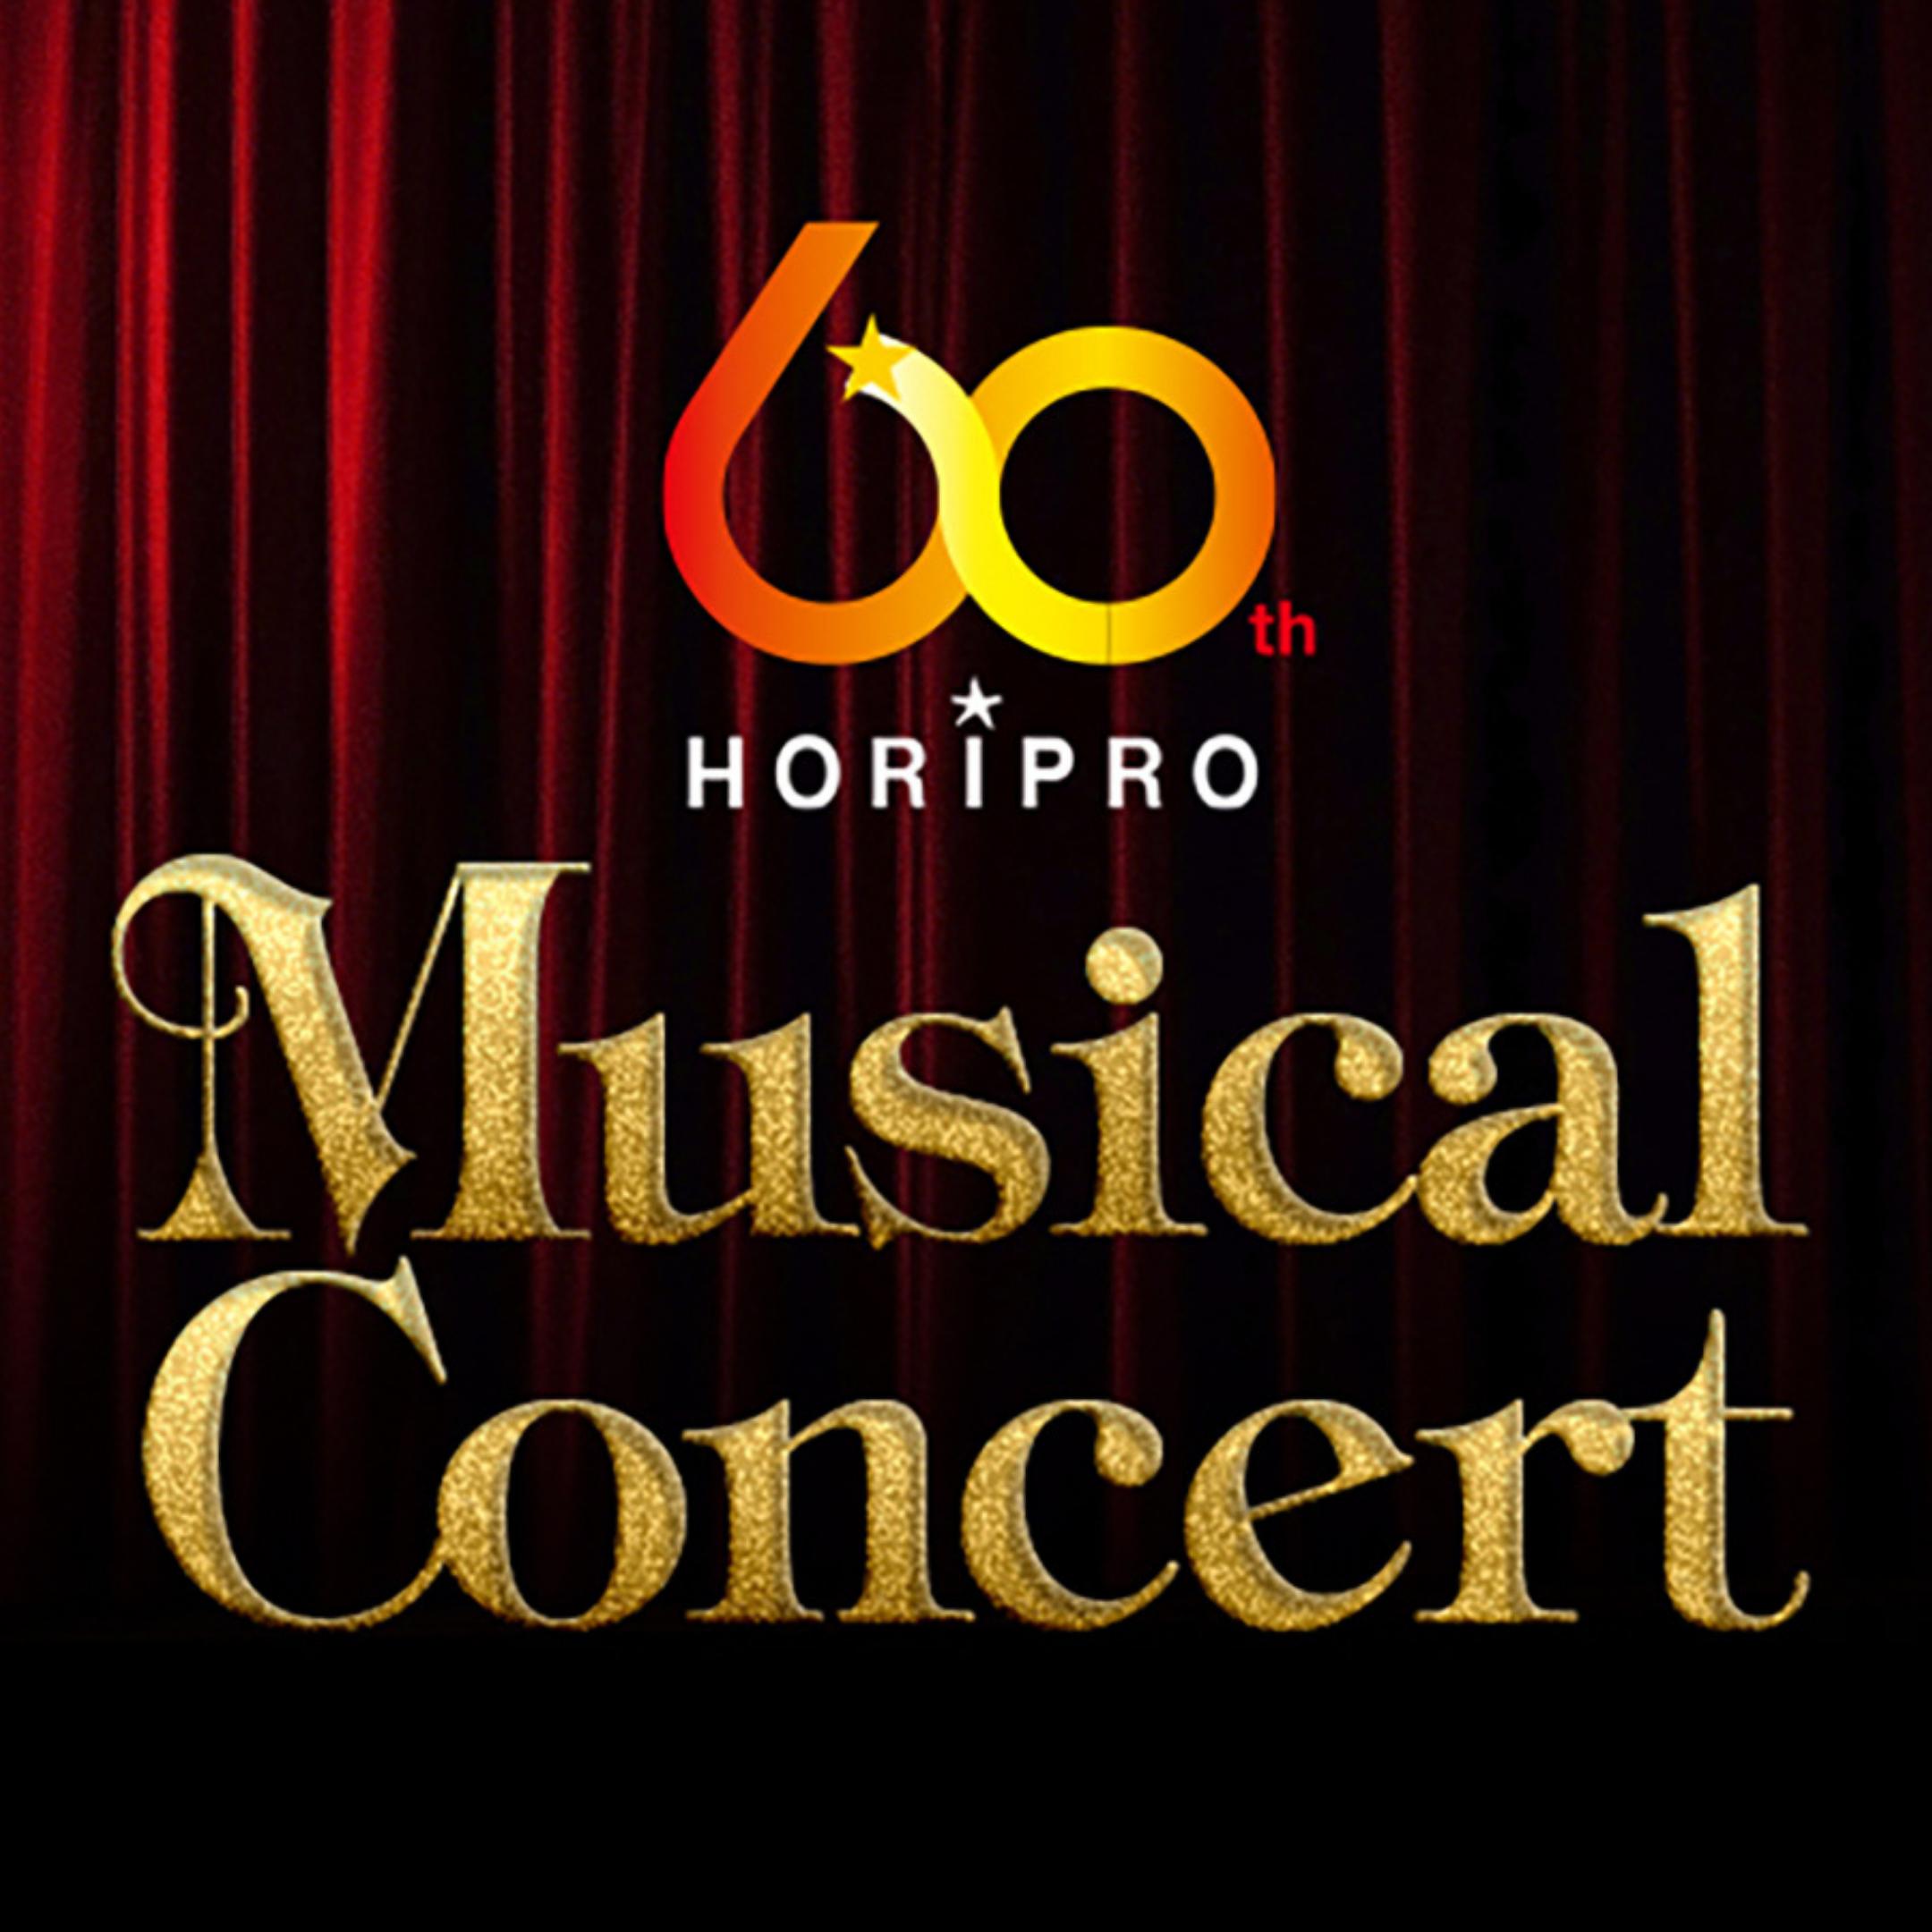 ホリプロ60周年オールスターミュージカルCD(2枚組) 60th Anniversaryブックレット付き   スタジオ録音盤